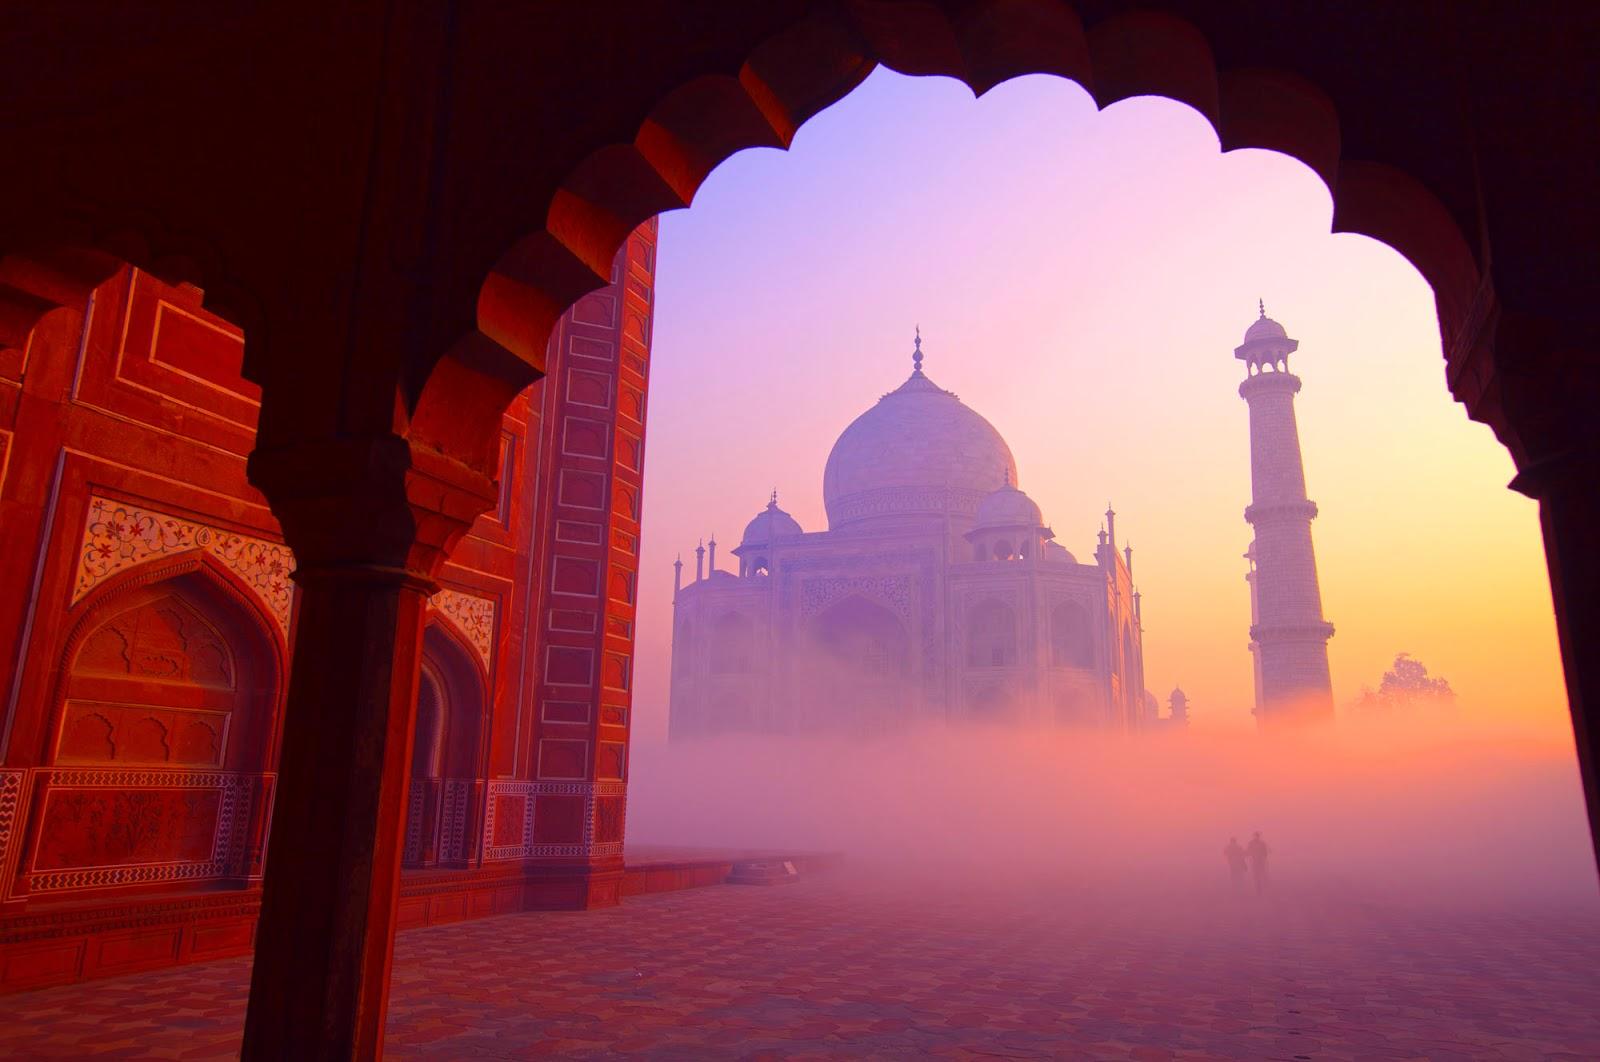 india-taj-mahal_77769193-20140804-145116.jpg